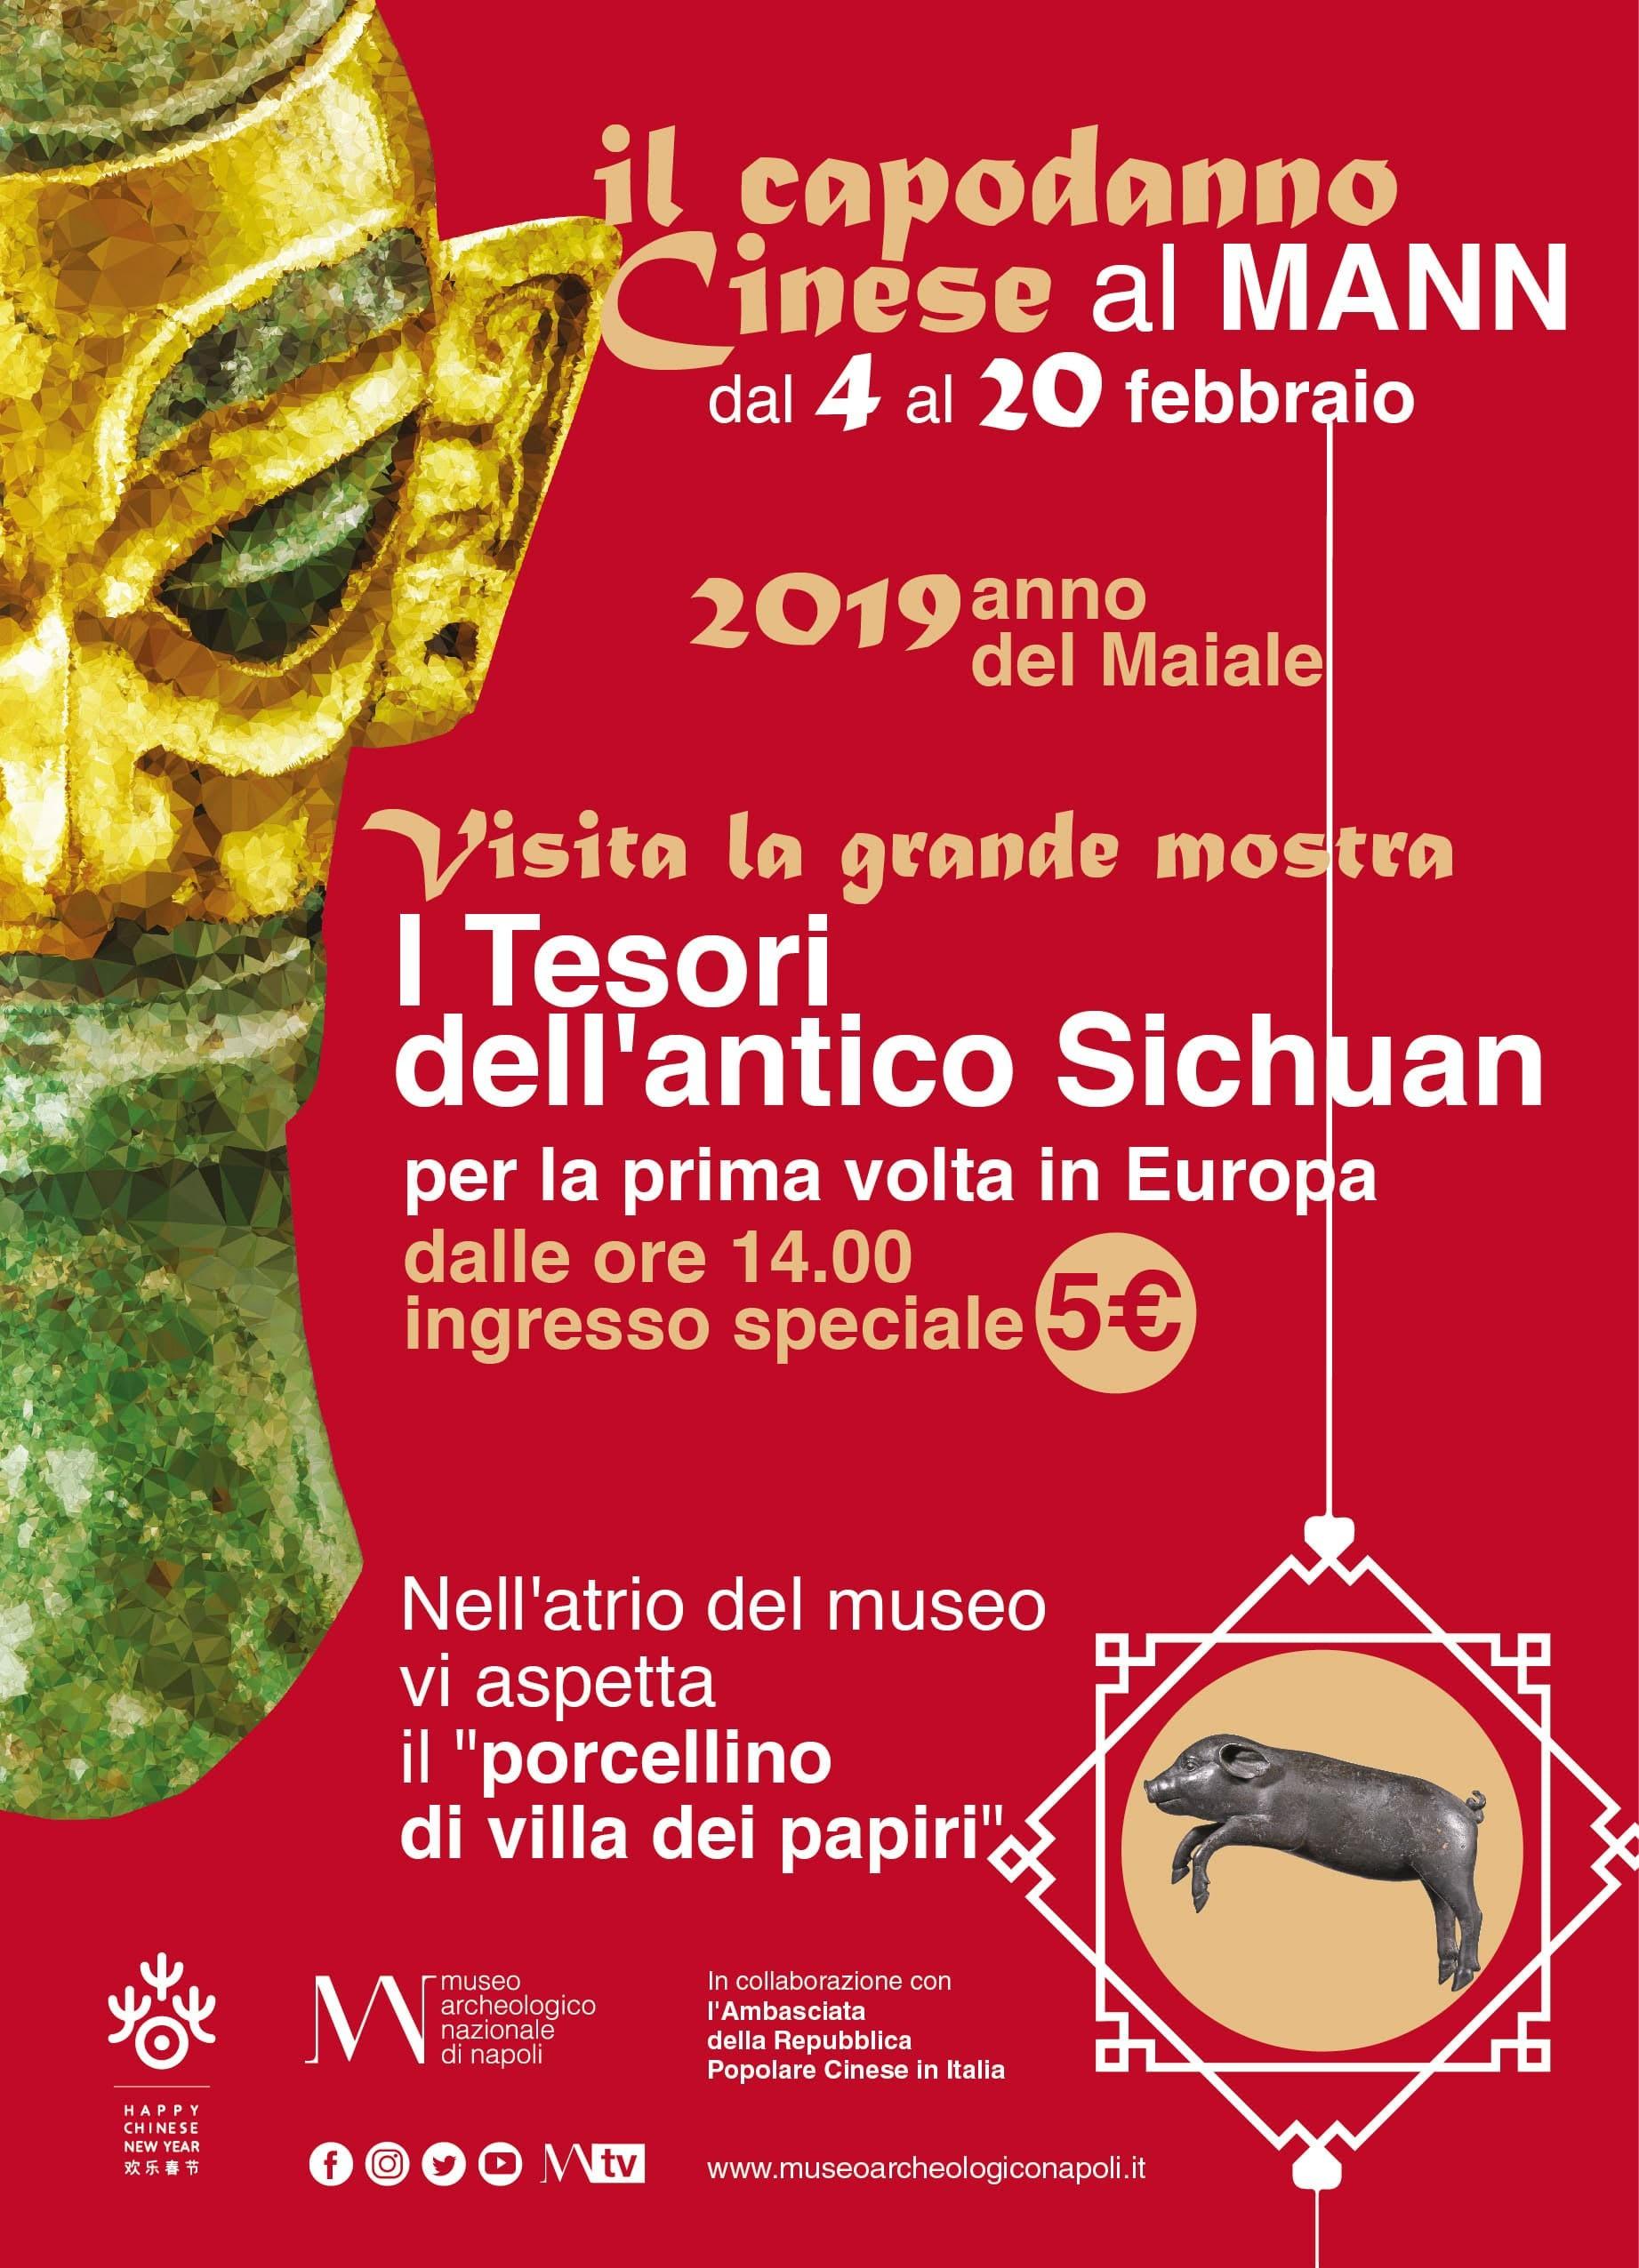 MANN festeggia il Capodanno cinese - Dal 4 al 20 febbraio, ticket ridotto (5 euro) dopo le 14